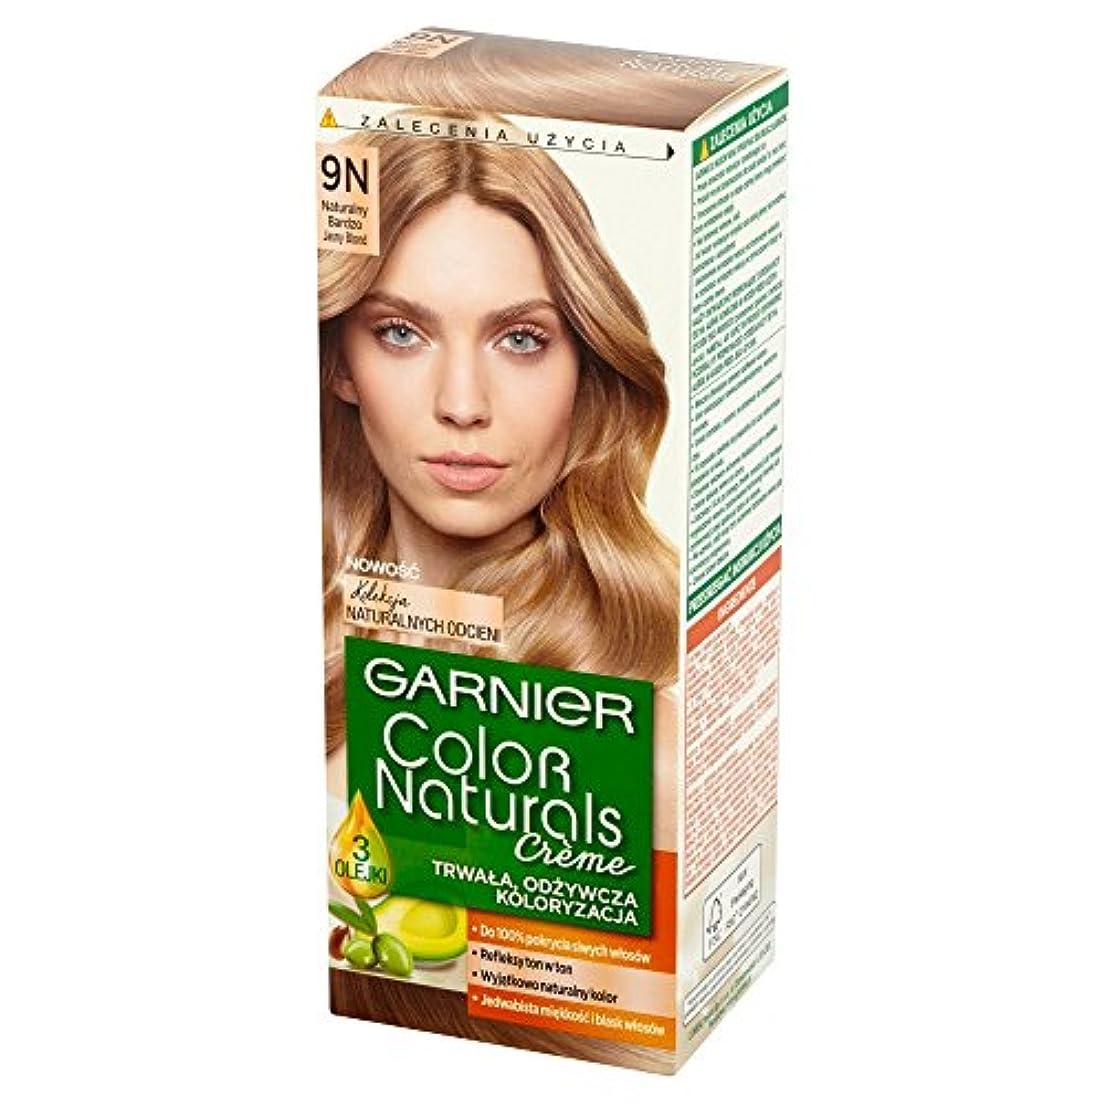 抗生物質不規則性明日ロレアル Garnier Color Naturals Creme 9N • Natural Light Blonde ブロンドヘアカラークリーム